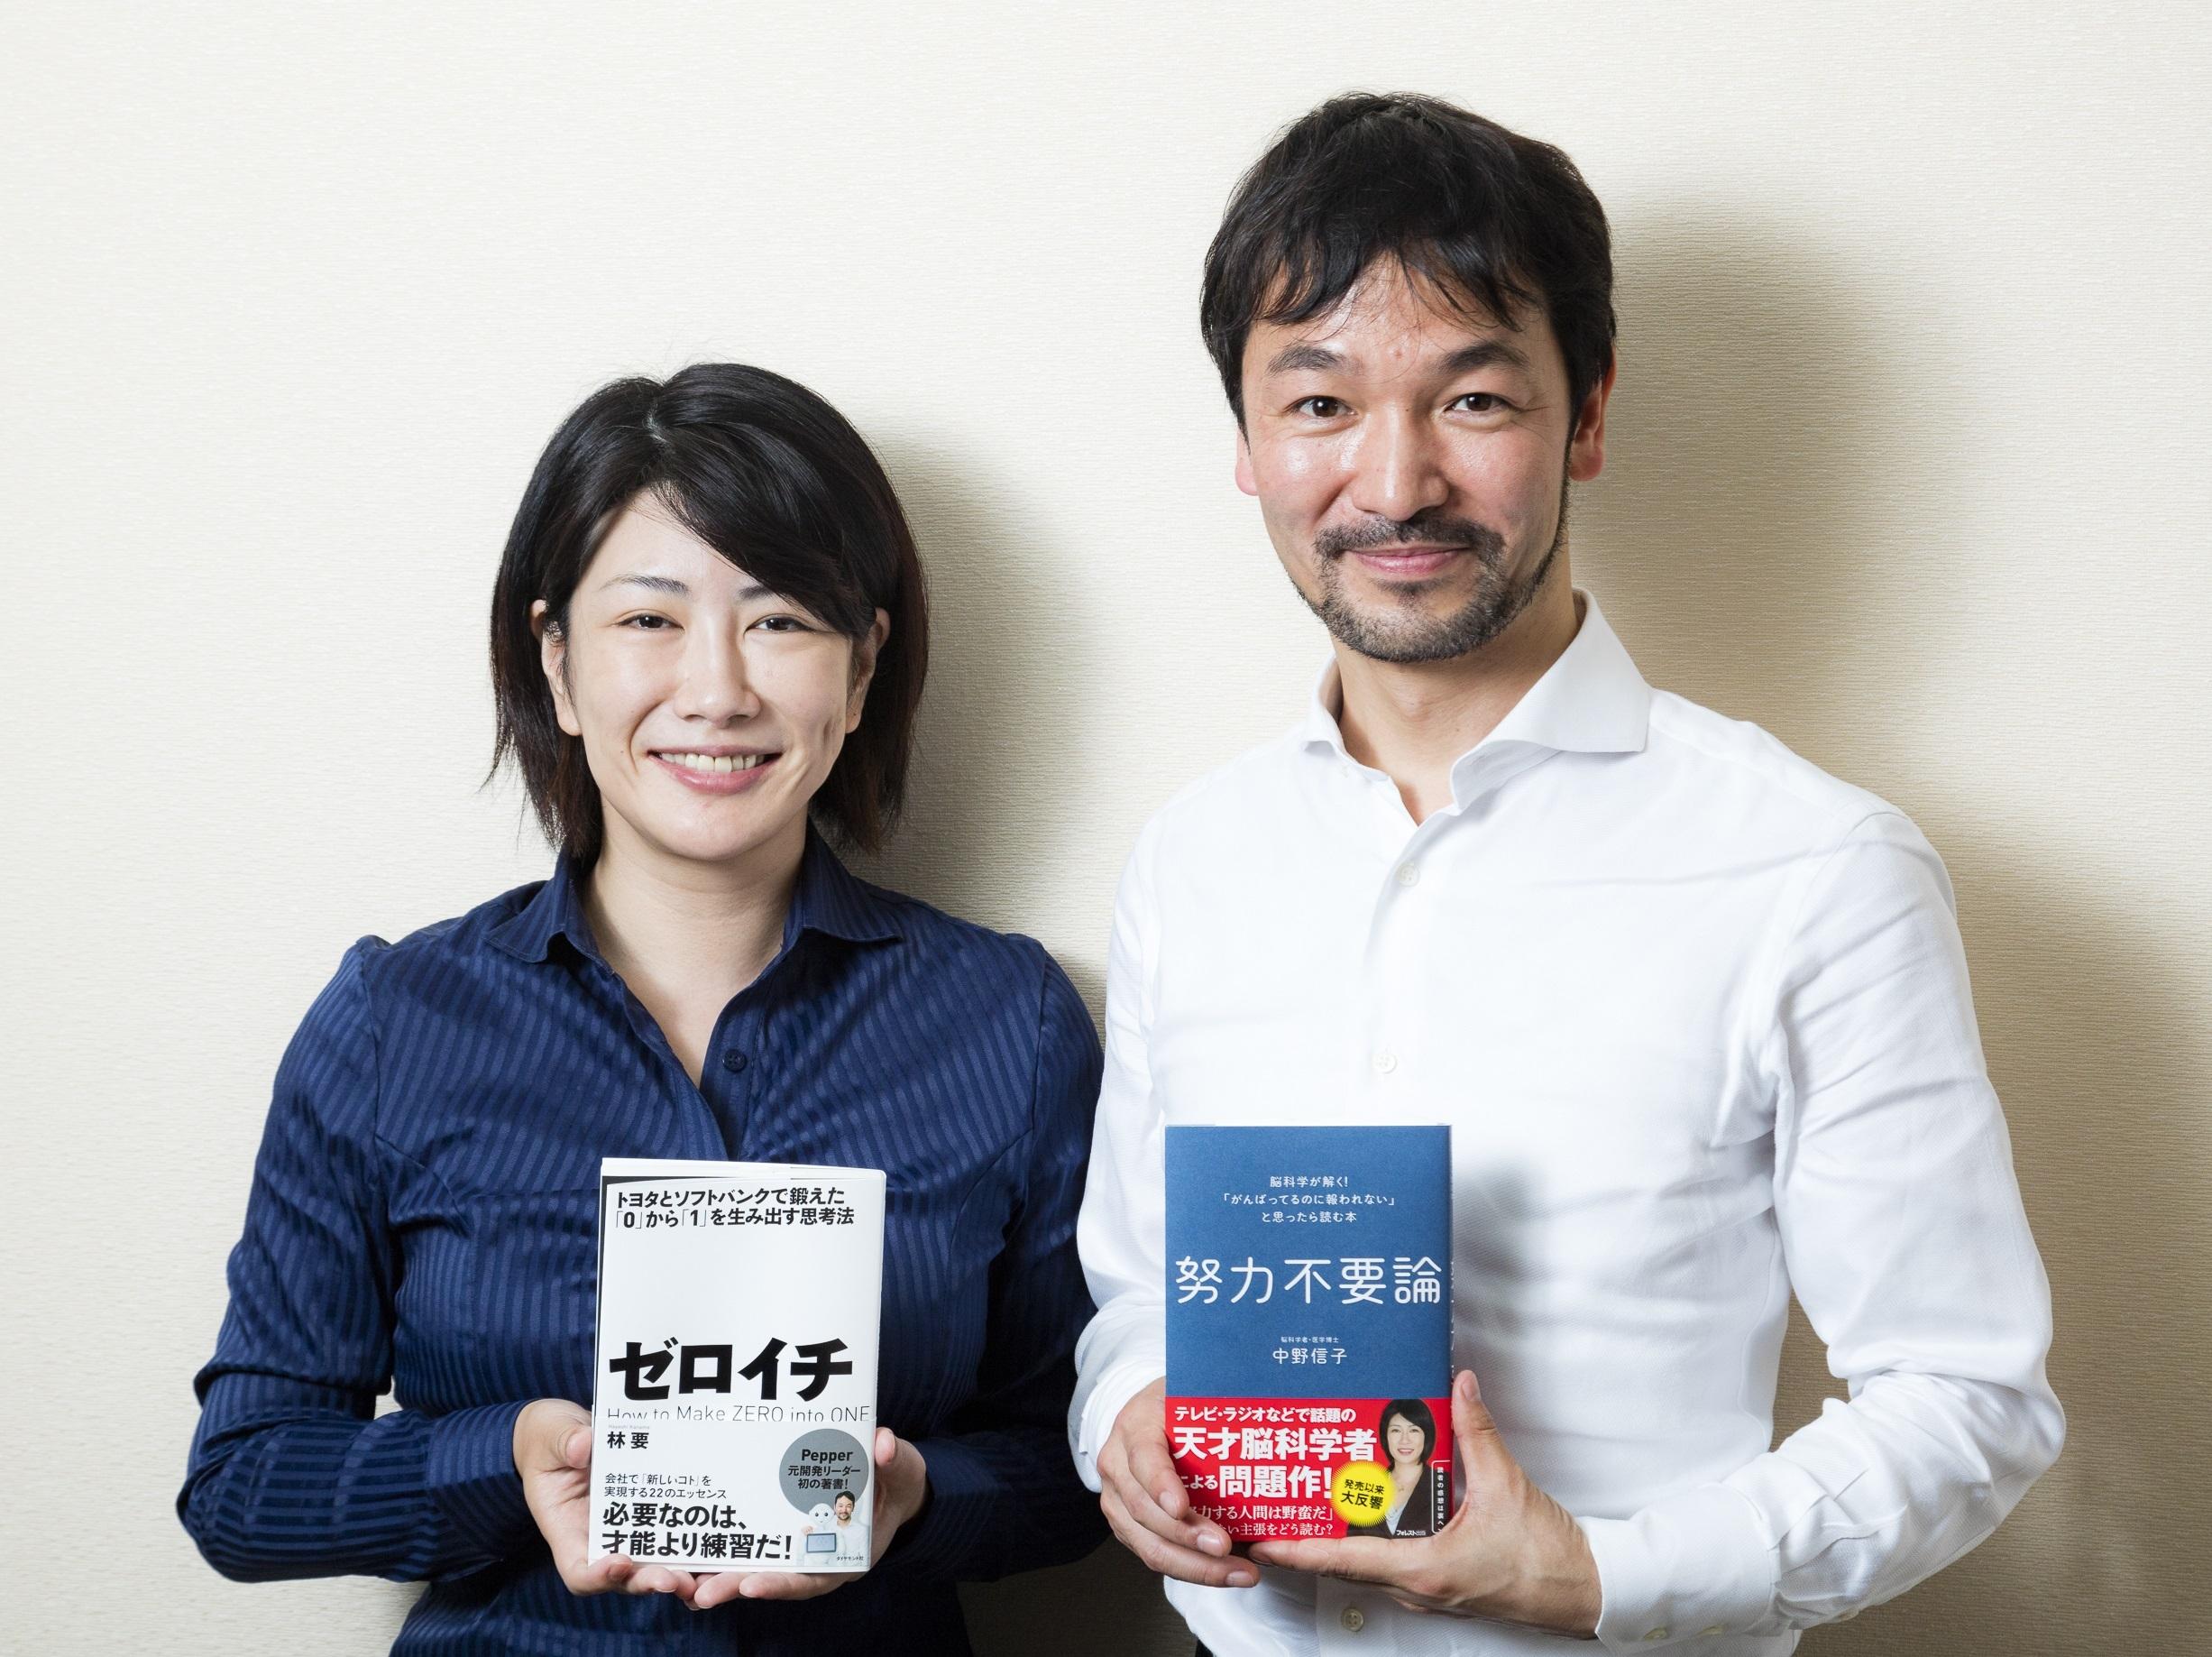 「鎖国」によって日本人の遺伝子は変わった!?【対談】中野信子さん×林要さん(第3回)